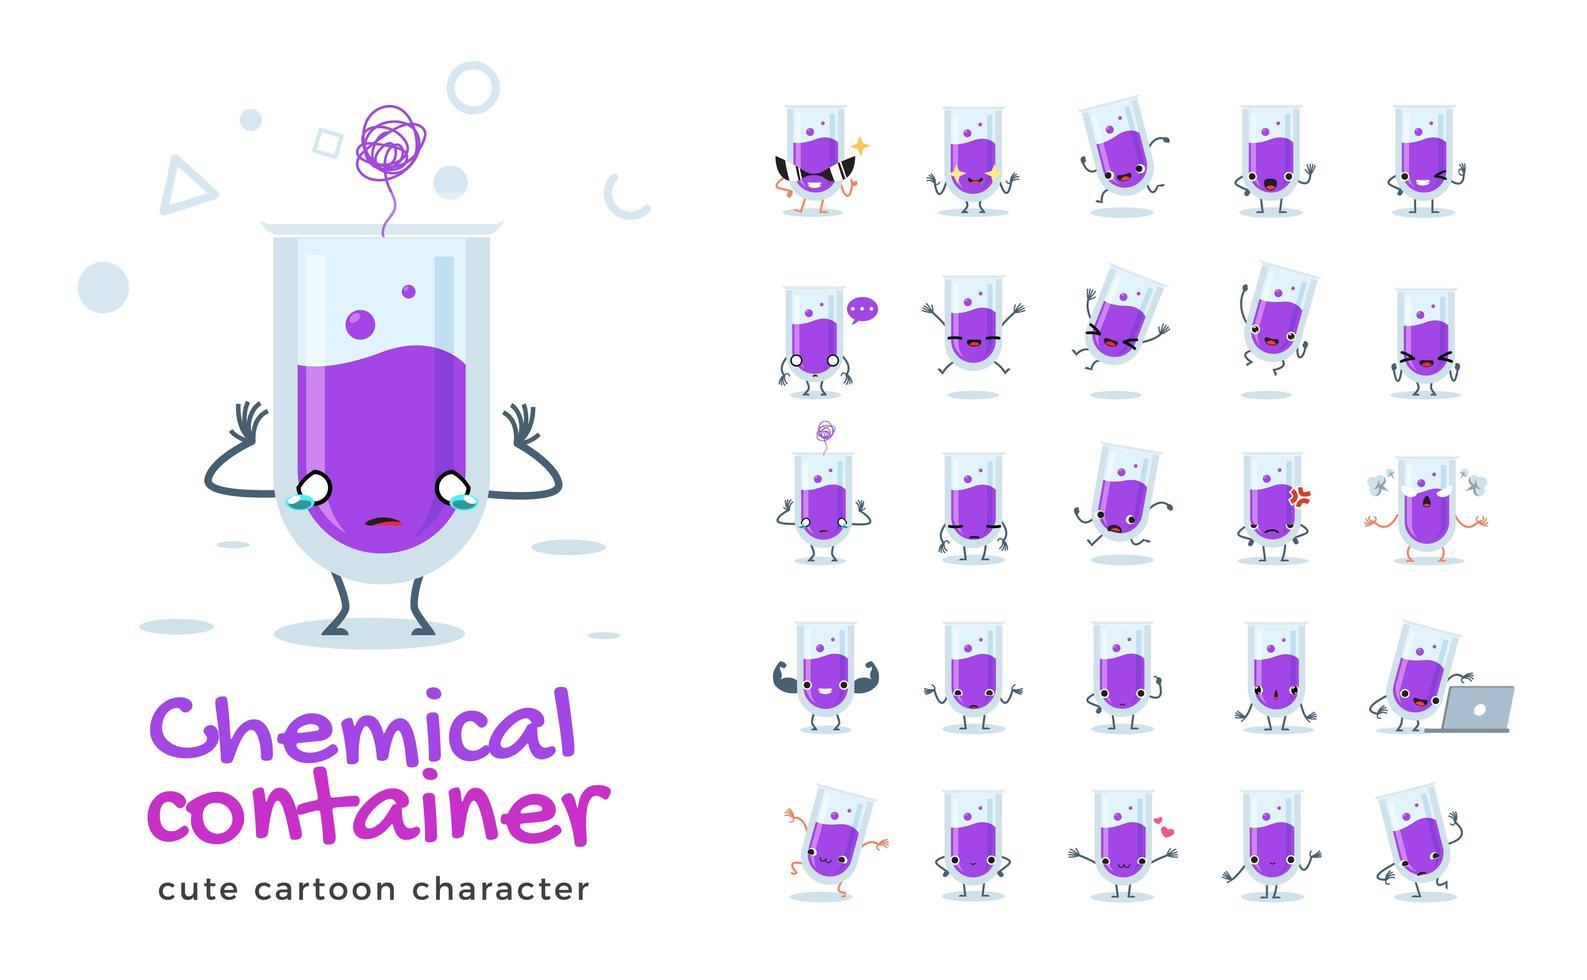 conjunto de caracteres de la mascota del tubo químico vector